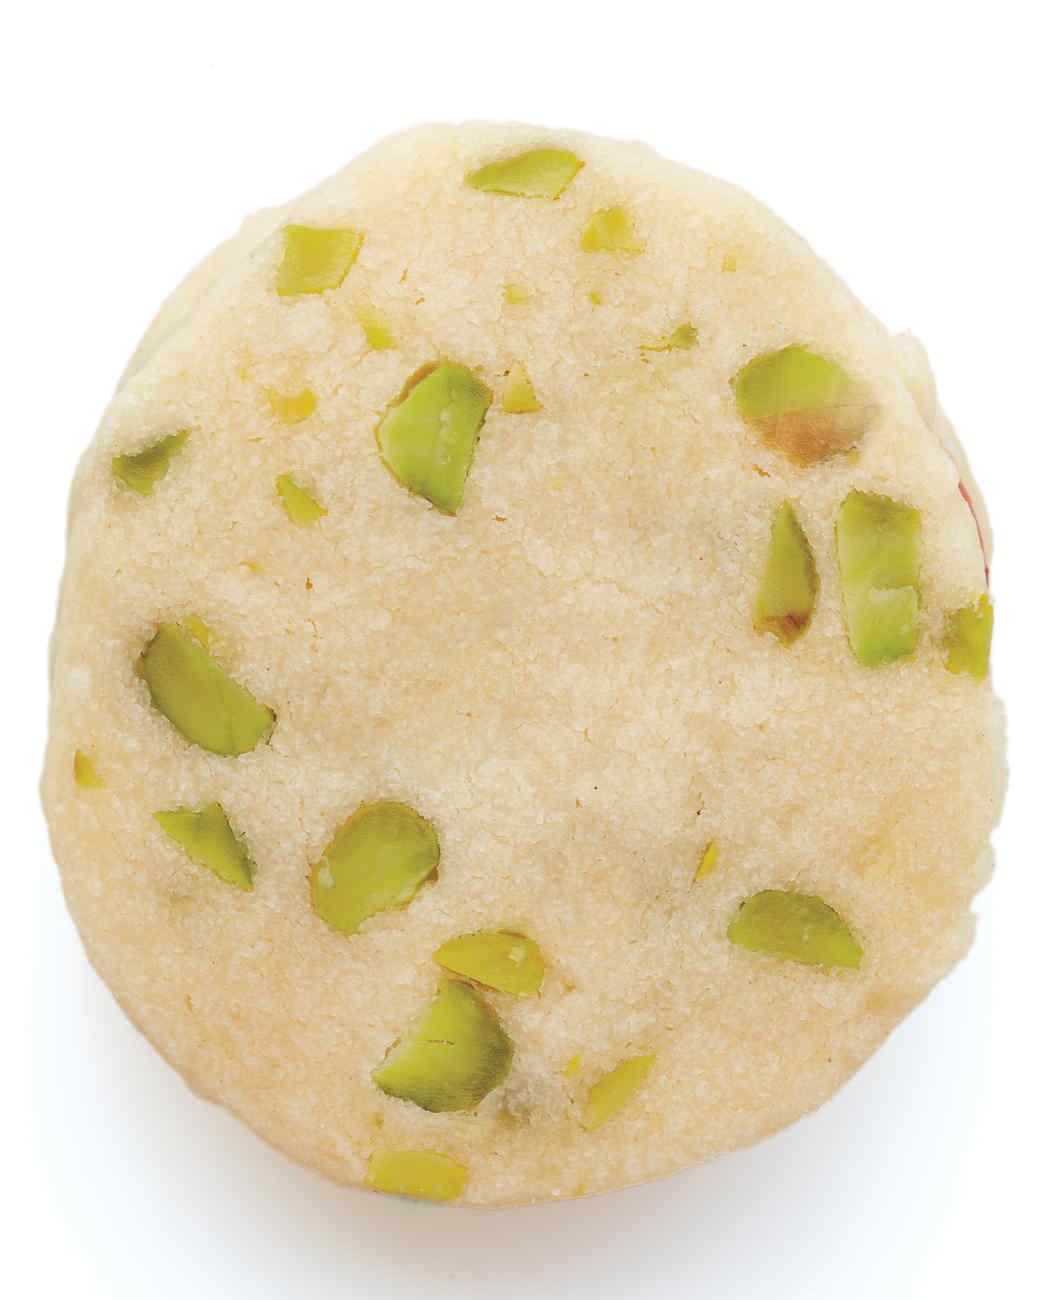 des-cookies-011b-med109135.jpg